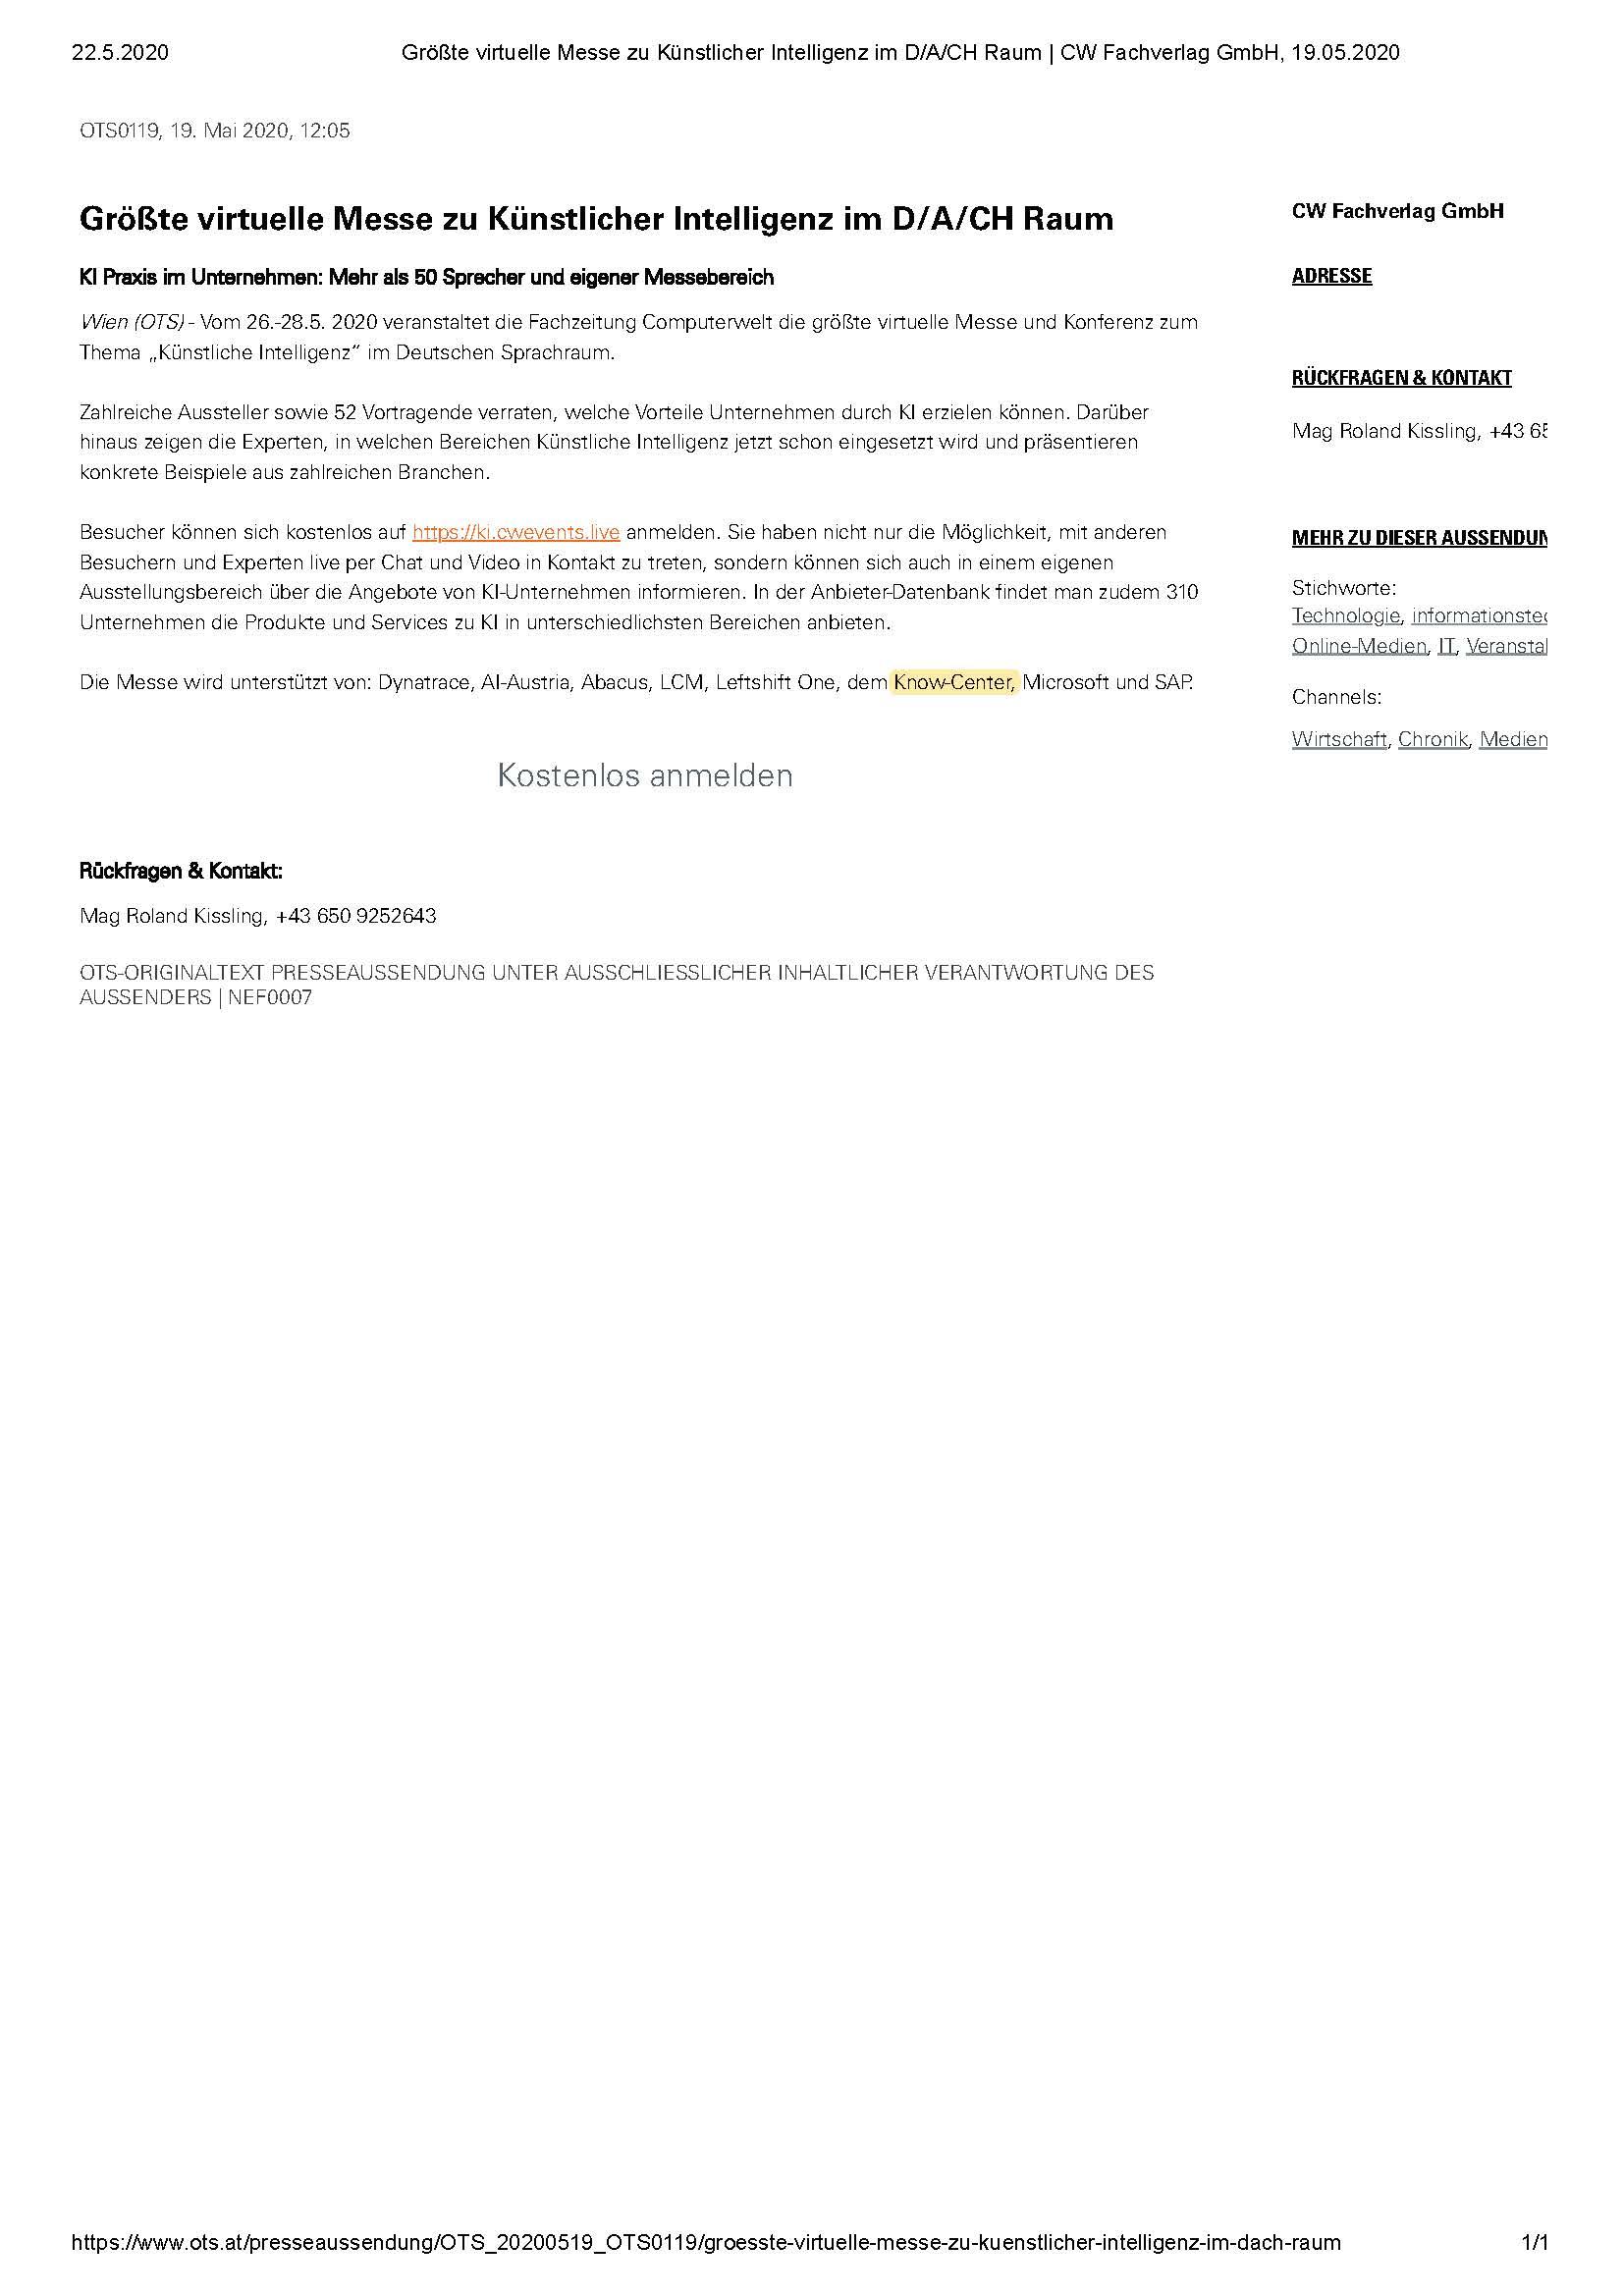 2020-05-22_OTS PresseInfo-Größte virtuelle Messe zu Künstlicher Intelligenz im D_A_CH Raum _CW Fachverlag GmbH